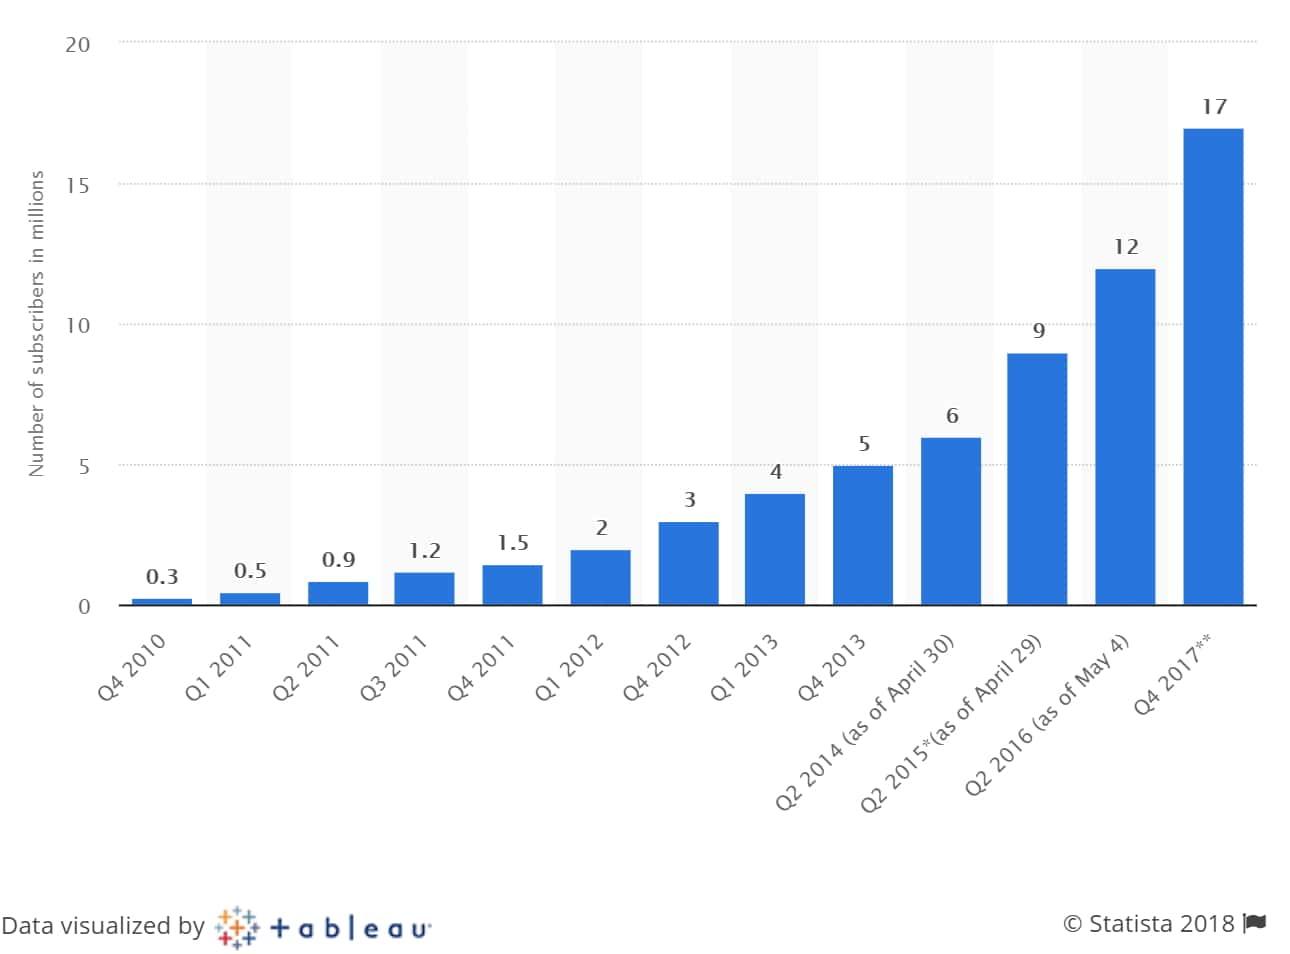 훌루 유료 가입자수 추이 Number og Hulu paying subscribers worldwide 그래프 by Statista